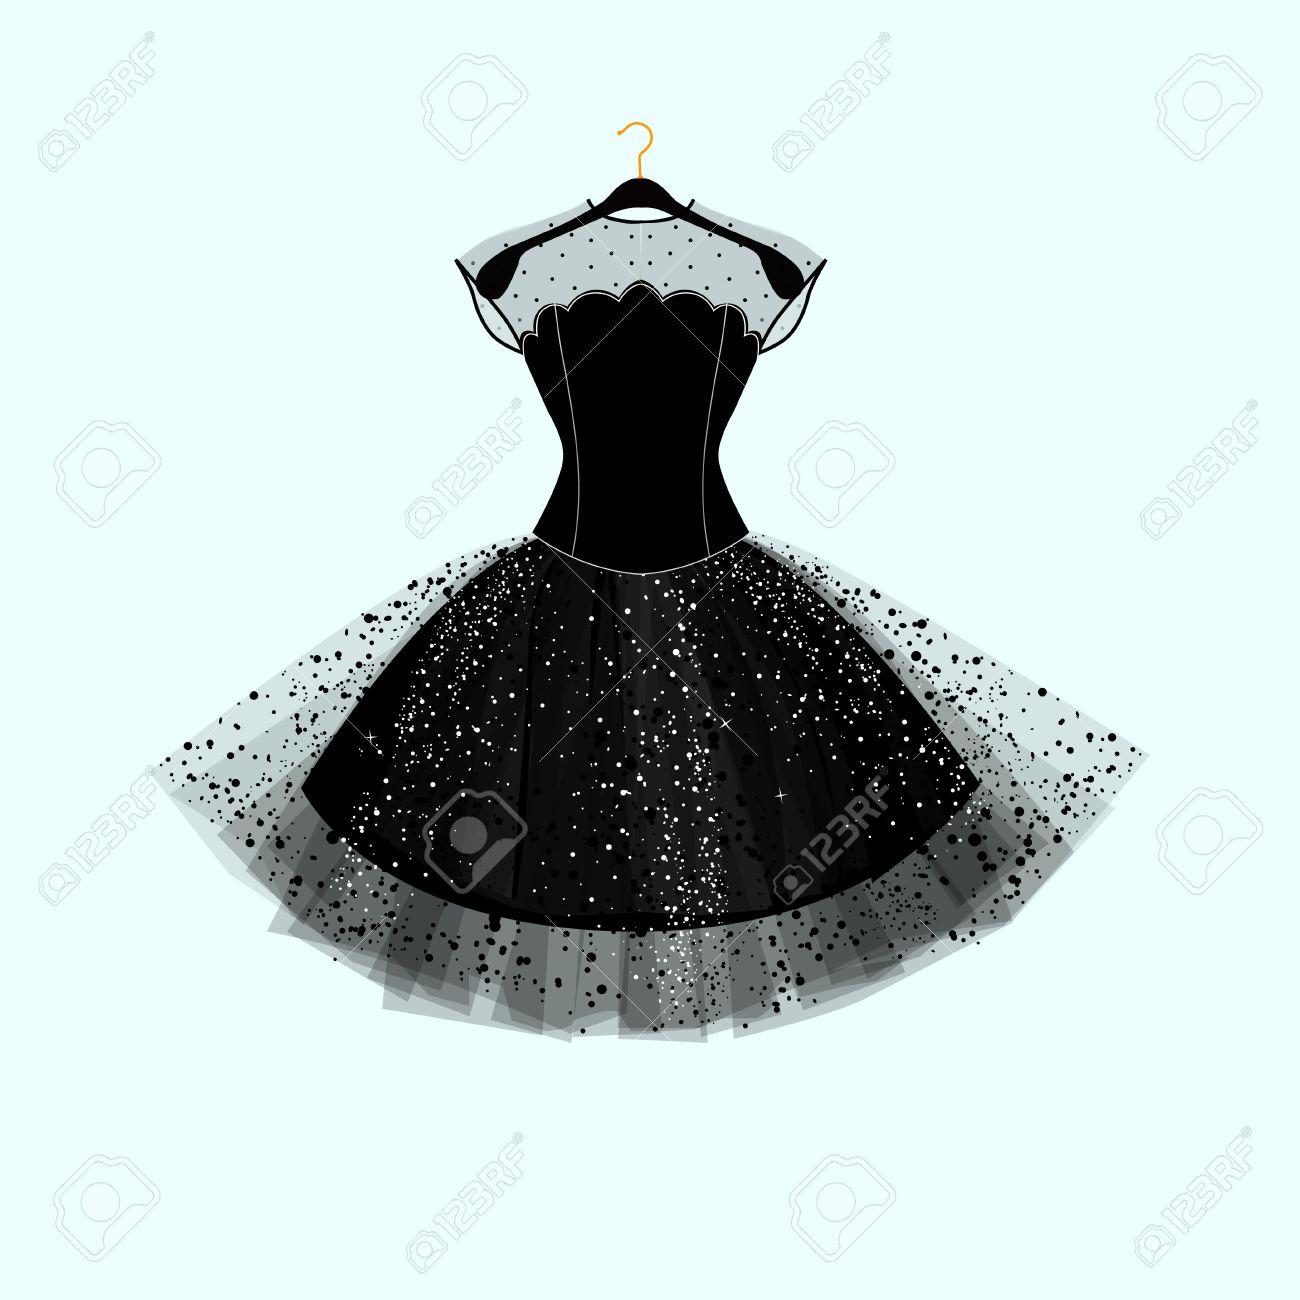 黒のドレス。パーティー ドレス。ファッション イラスト,ベクトル